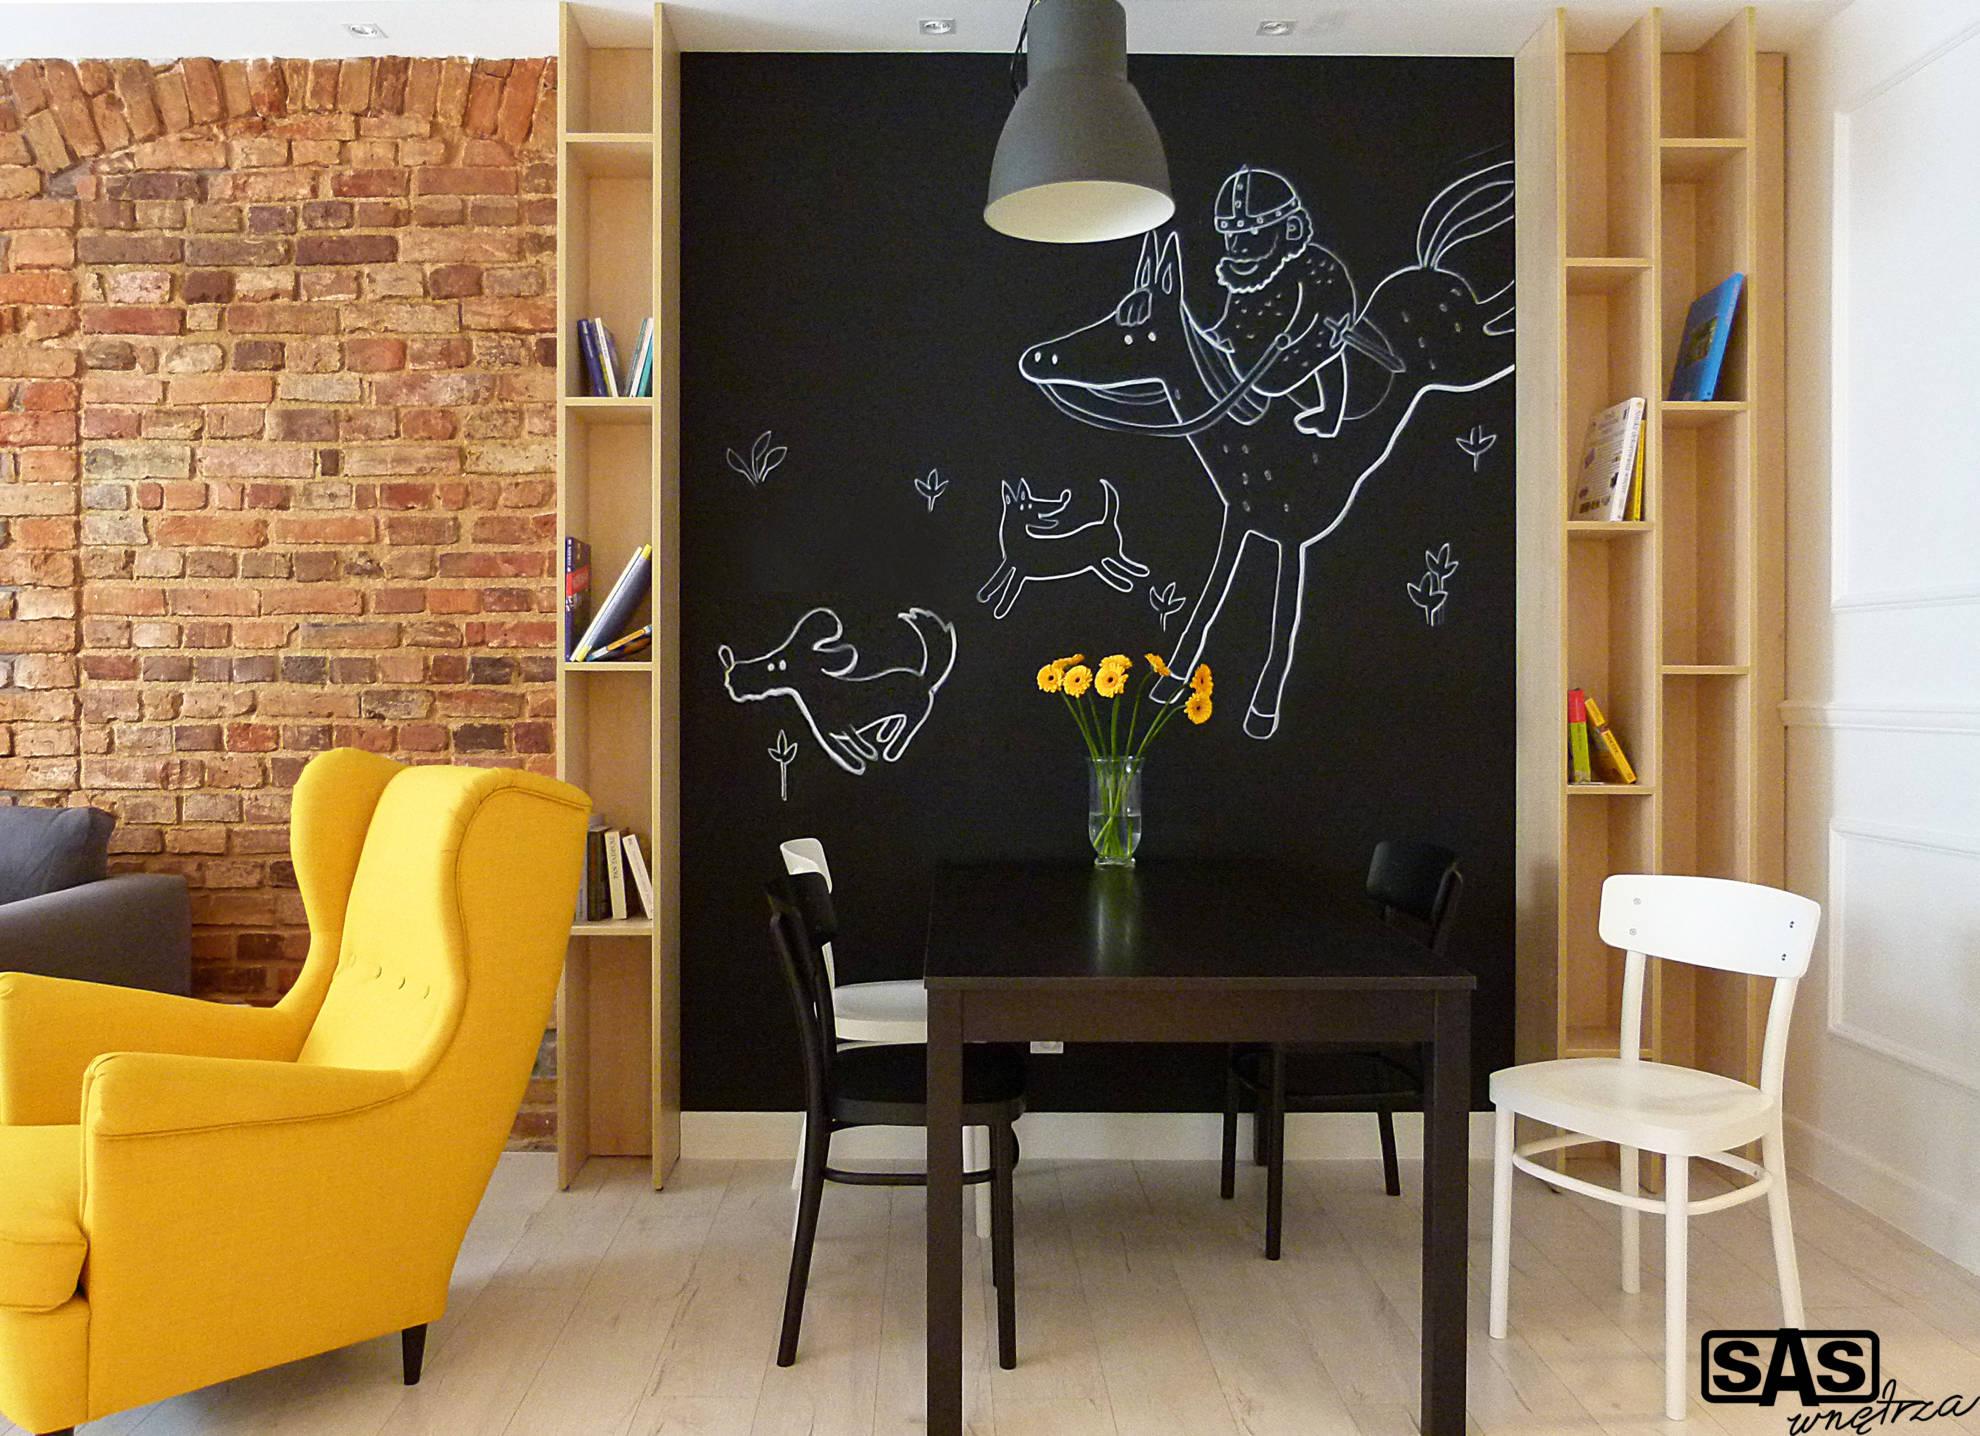 Aranżacja salonu ze strefą jadalną - projekt architekt wnętrz Emilia Strzempek Plasun.